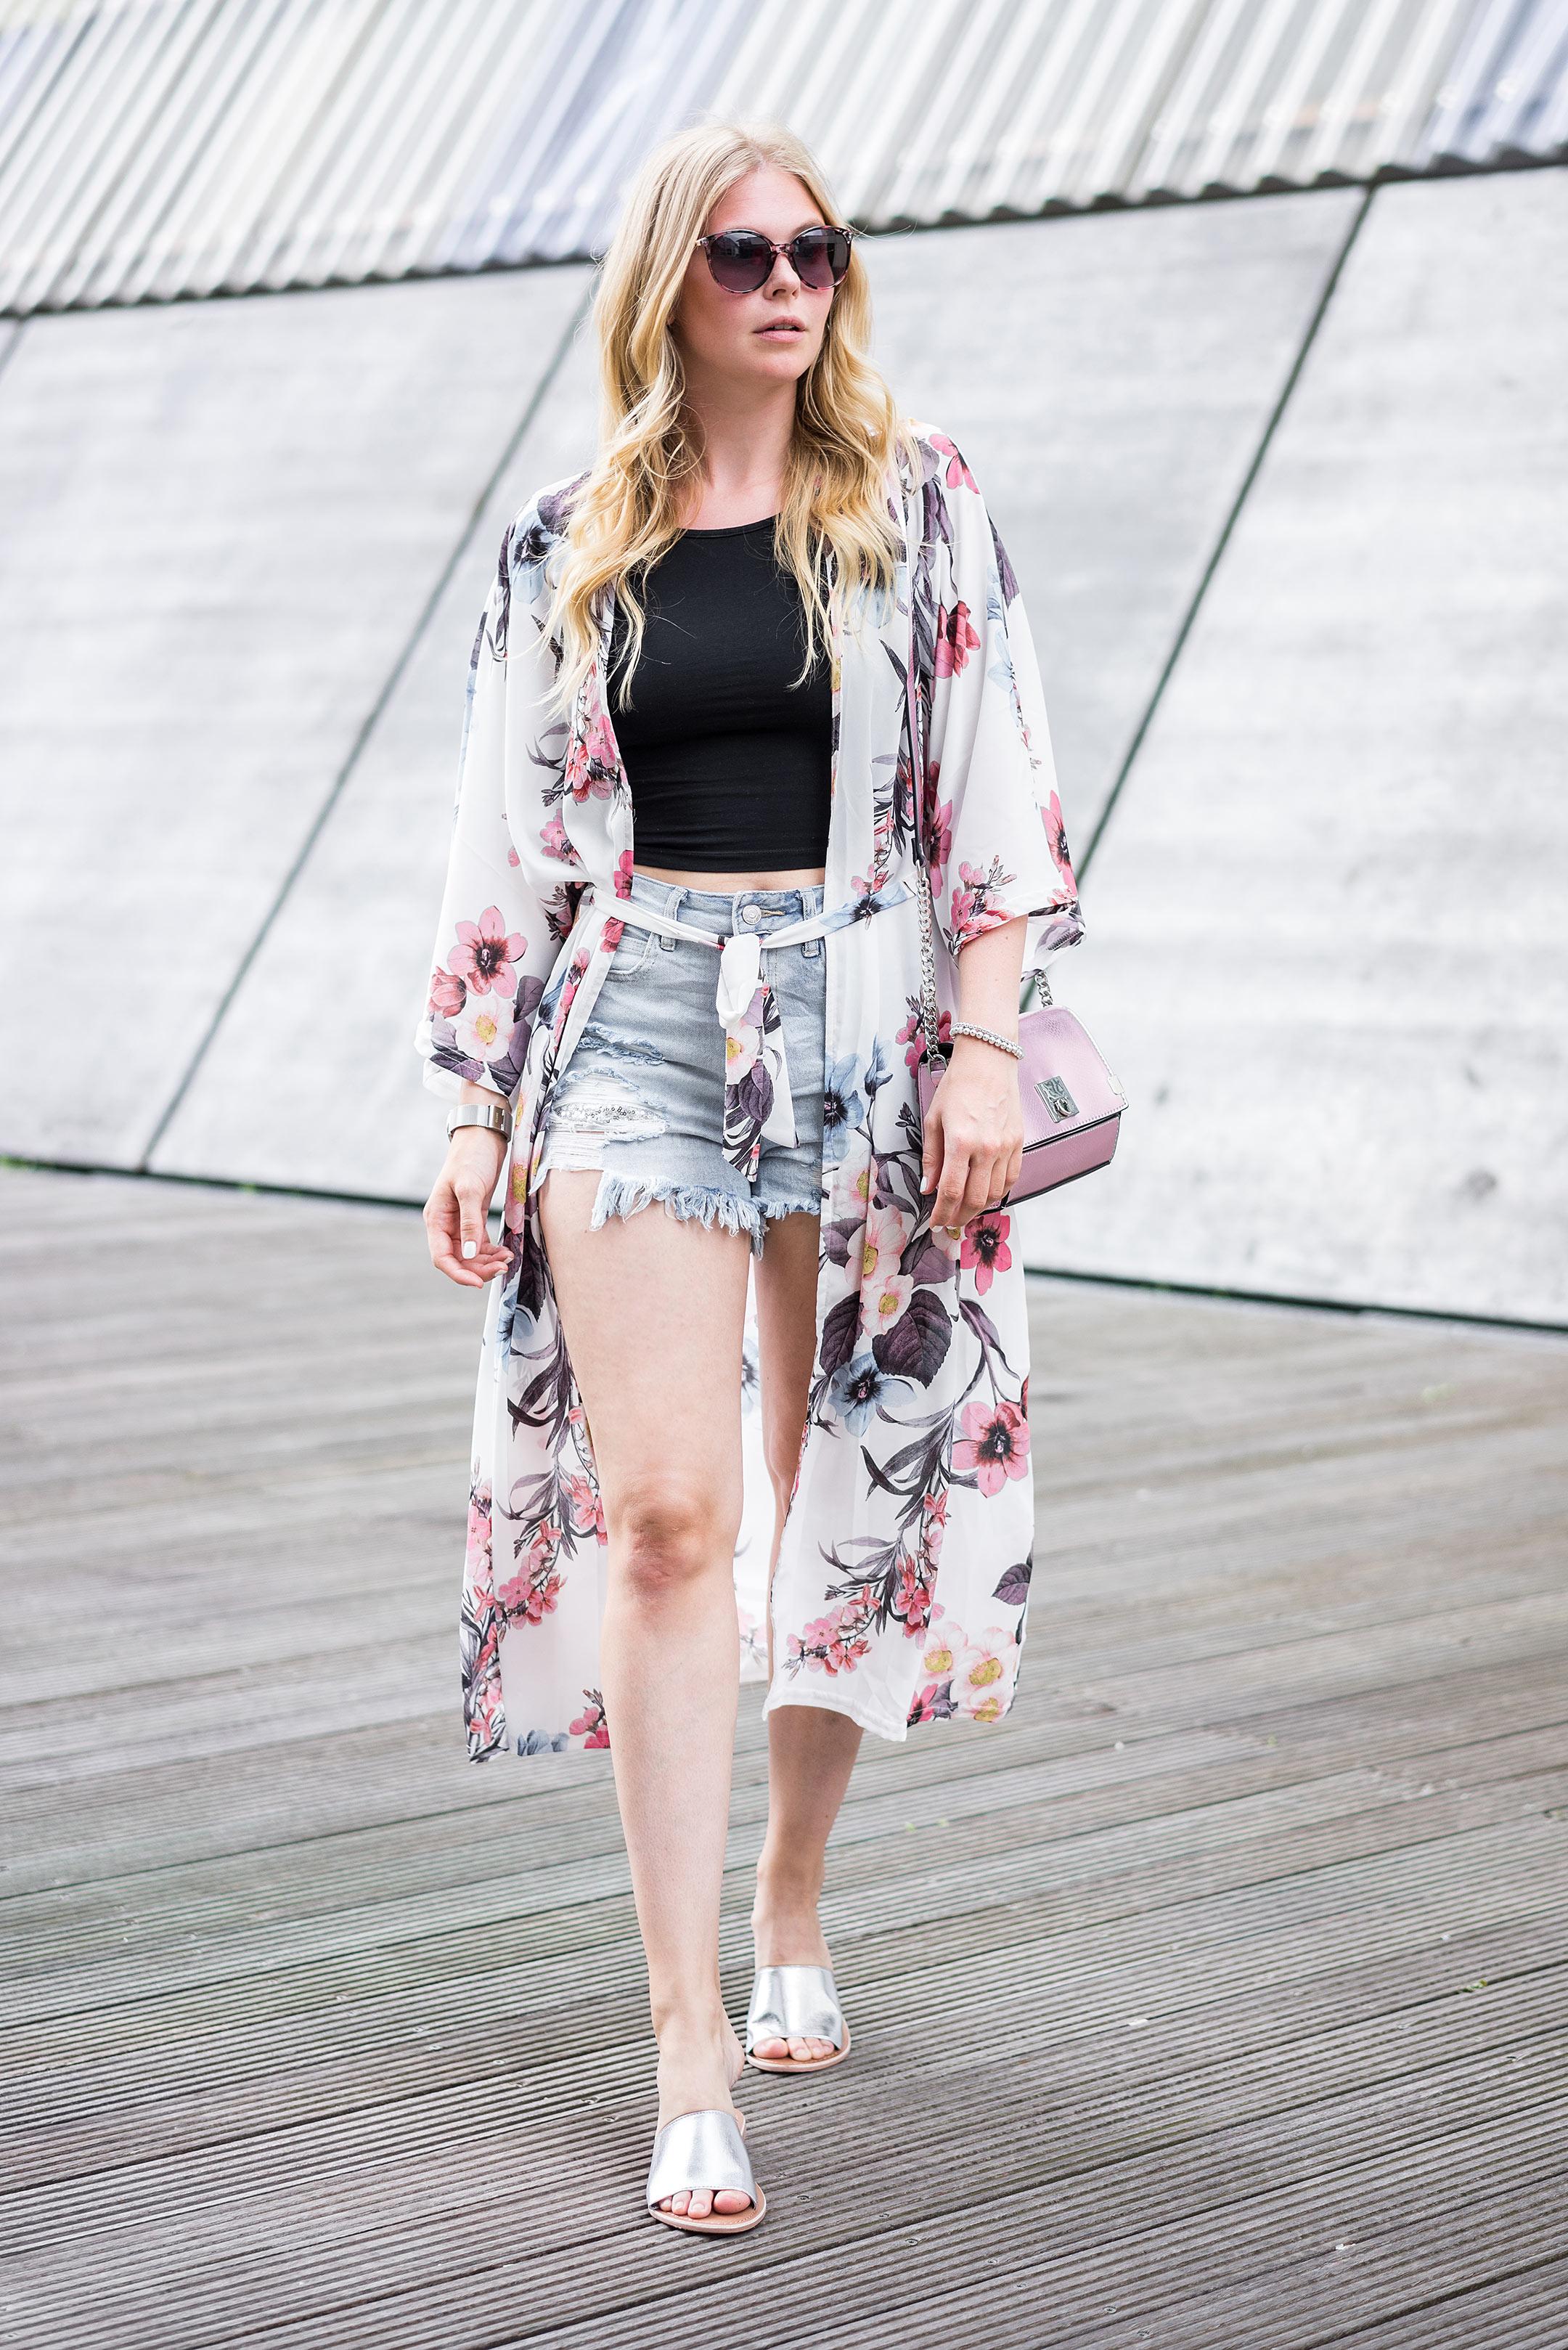 Langer Kimono mit Blumenmuster Outfit Fashion Blog Sunnyinga